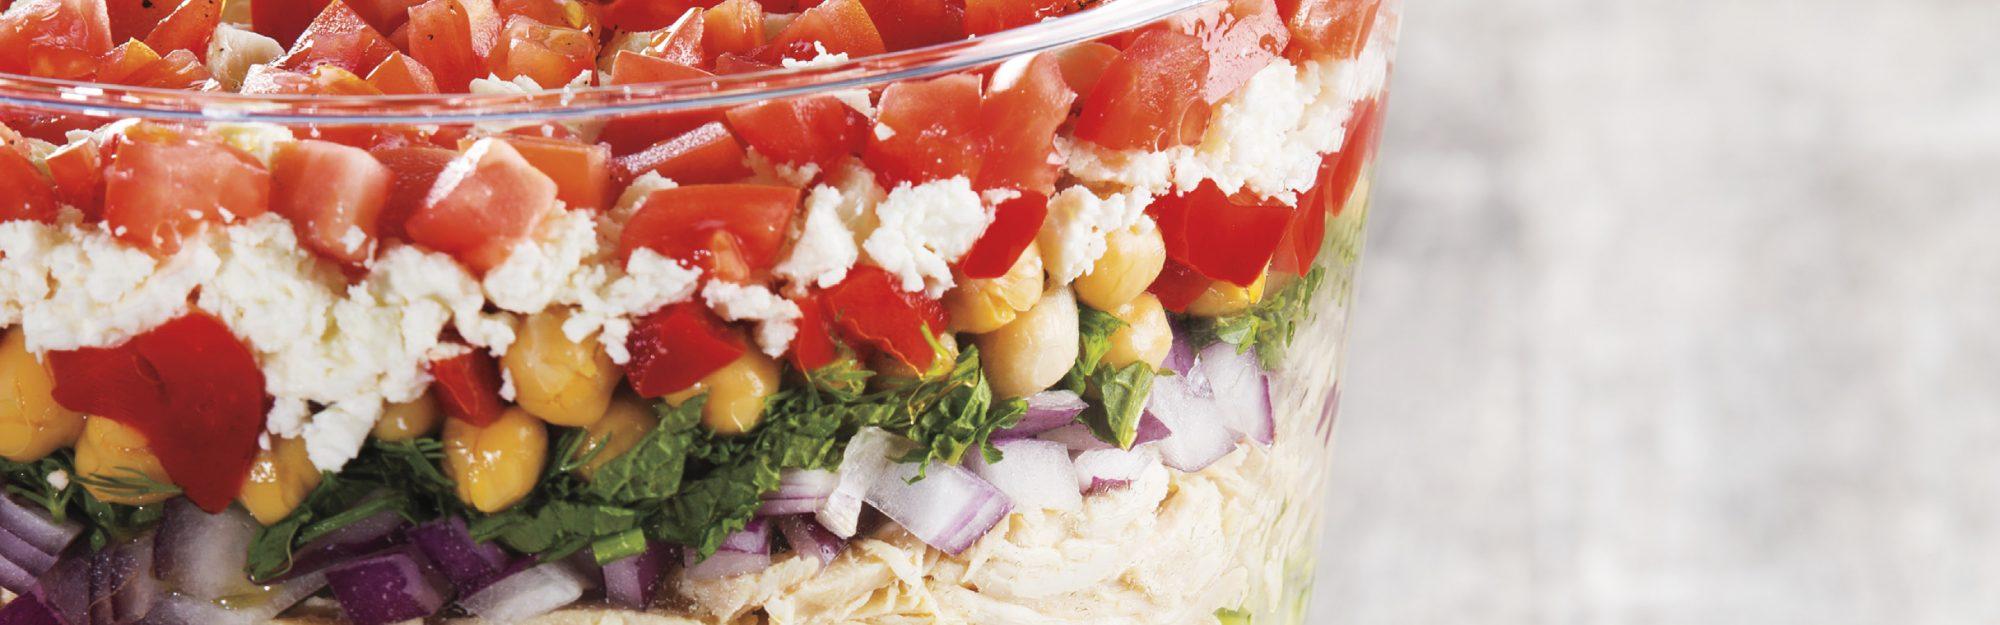 layered mediterranean chicken salad